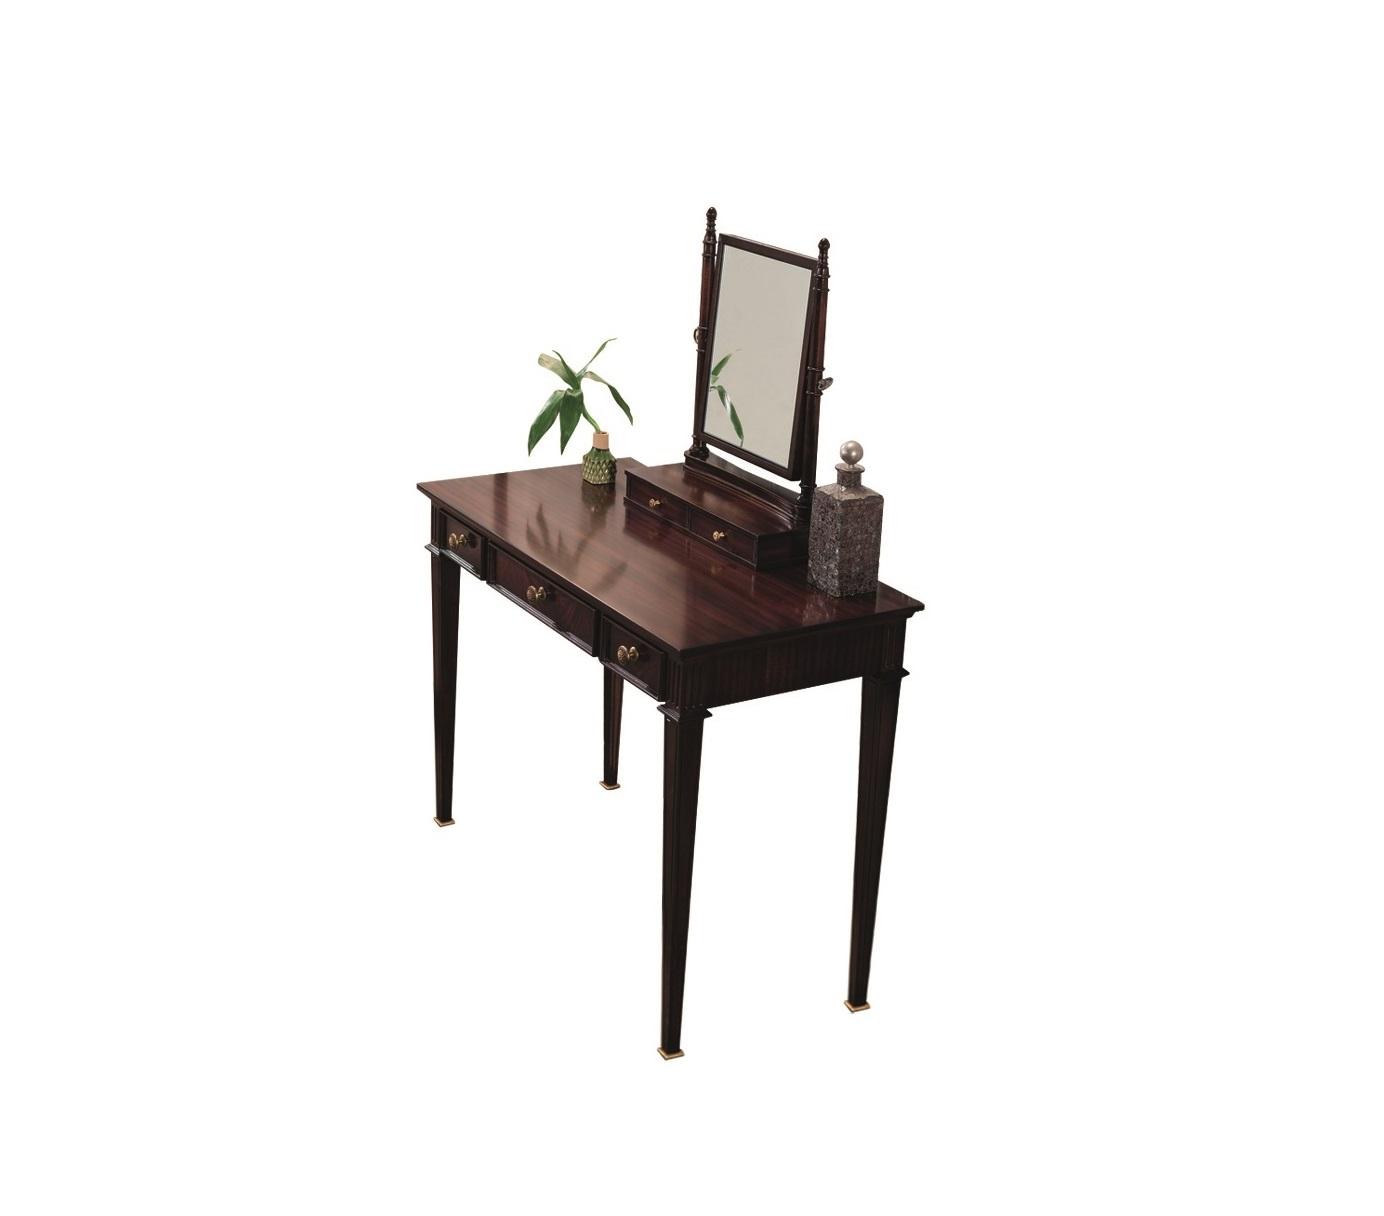 Туалетный столик MESTREТуалетные столики<br>Туалетный столик &amp;quot;Mestre&amp;quot; ? отличный вариант для тех, кто любит роскошь, но не приемлет щегольства. Изысканные тонкие ножки, простые формы, резные детали и миниатюрные ящички, имеющие благородный цвет горького шоколада, рождают великолепный дизайн в стиле неоклассика.&amp;lt;div&amp;gt;&amp;lt;br&amp;gt;&amp;lt;/div&amp;gt;&amp;lt;div&amp;gt;Туалетный столик без зеркала.&amp;lt;/div&amp;gt;<br><br>Material: МДФ